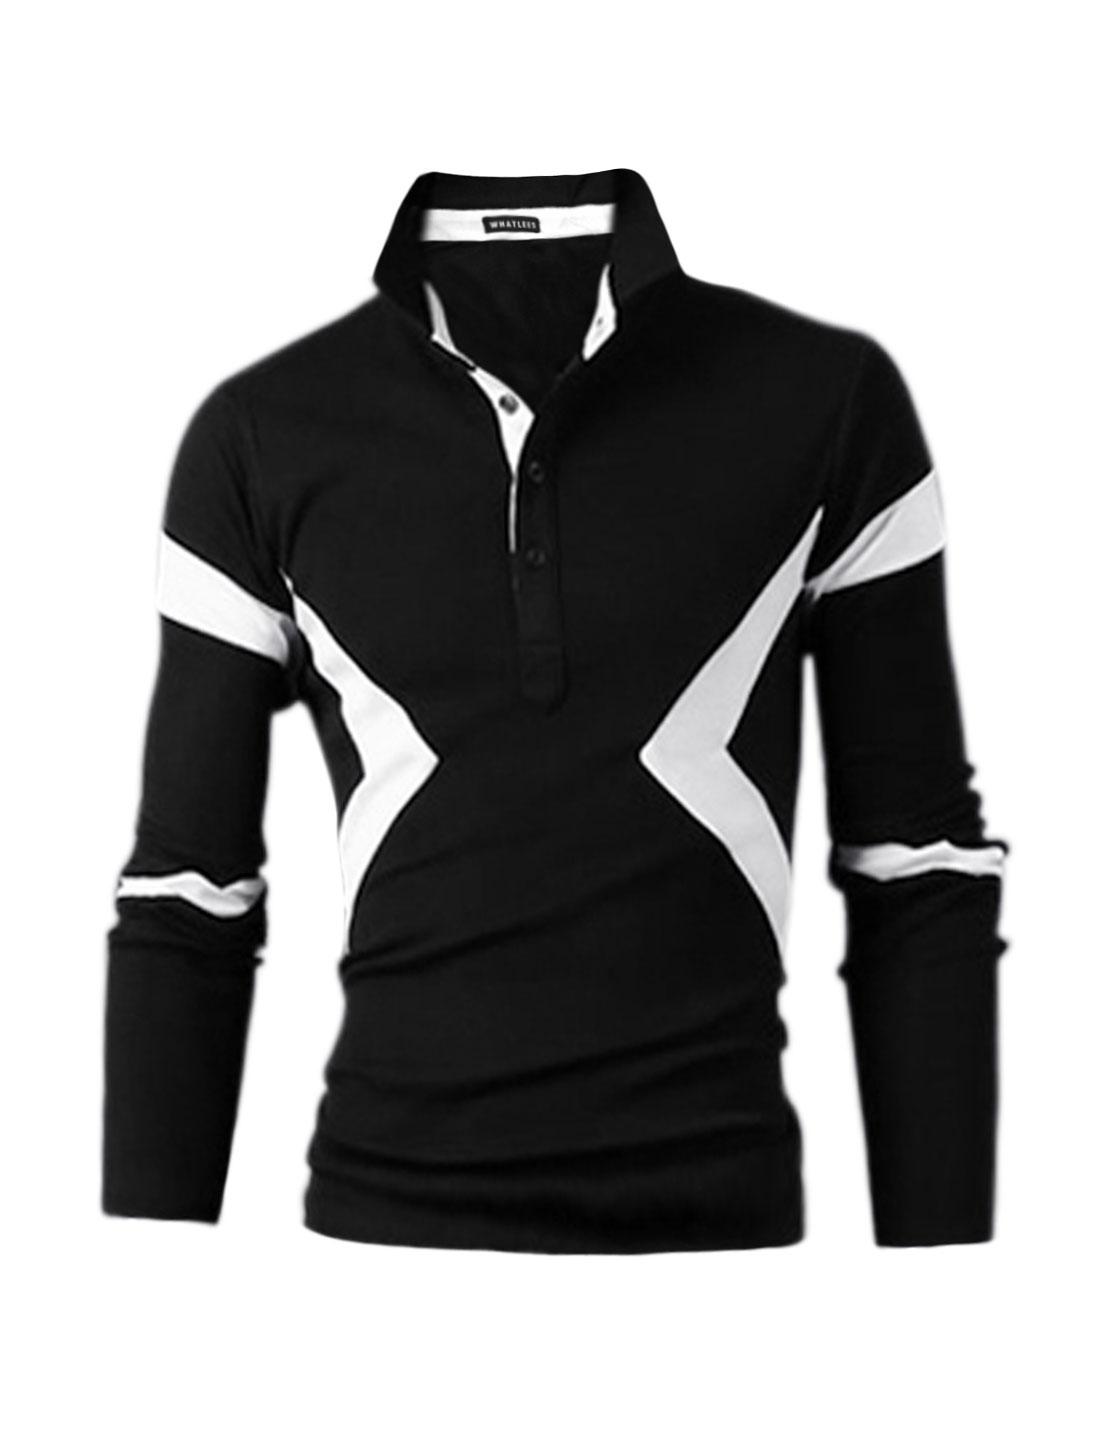 Men Contrast Color Half Placket Slim Fit Polo Shirt Black M